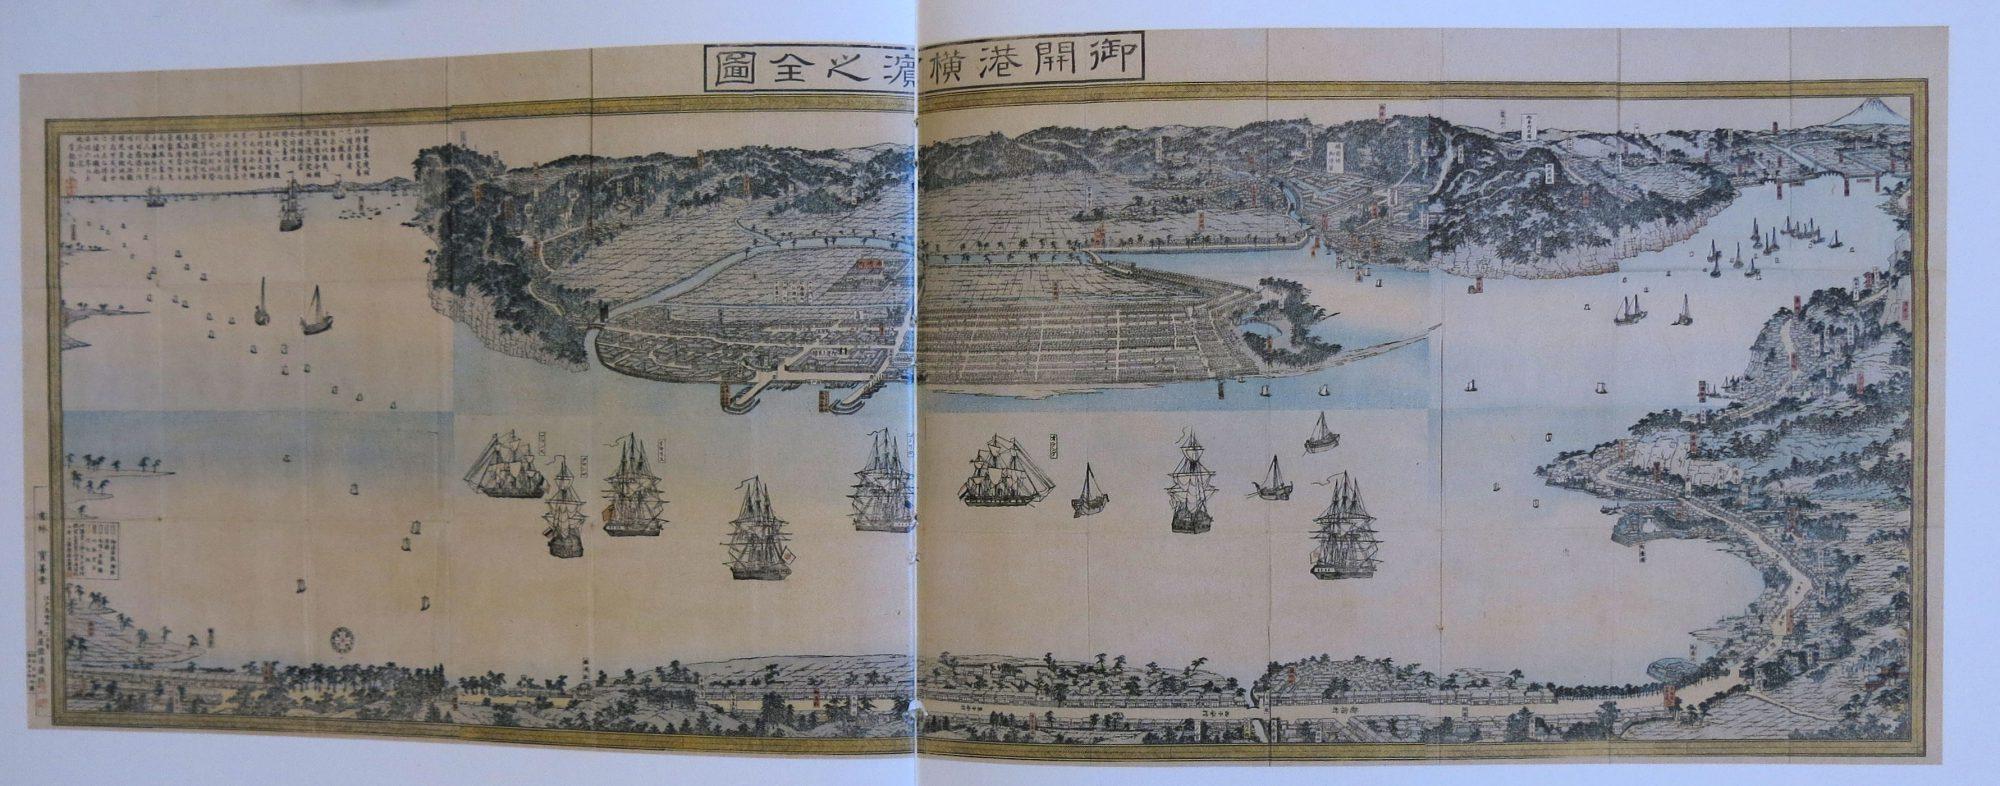 増補再刻御開港横濵之全圖 Zōho saikoku Gokaikō Yokohama no zenzu